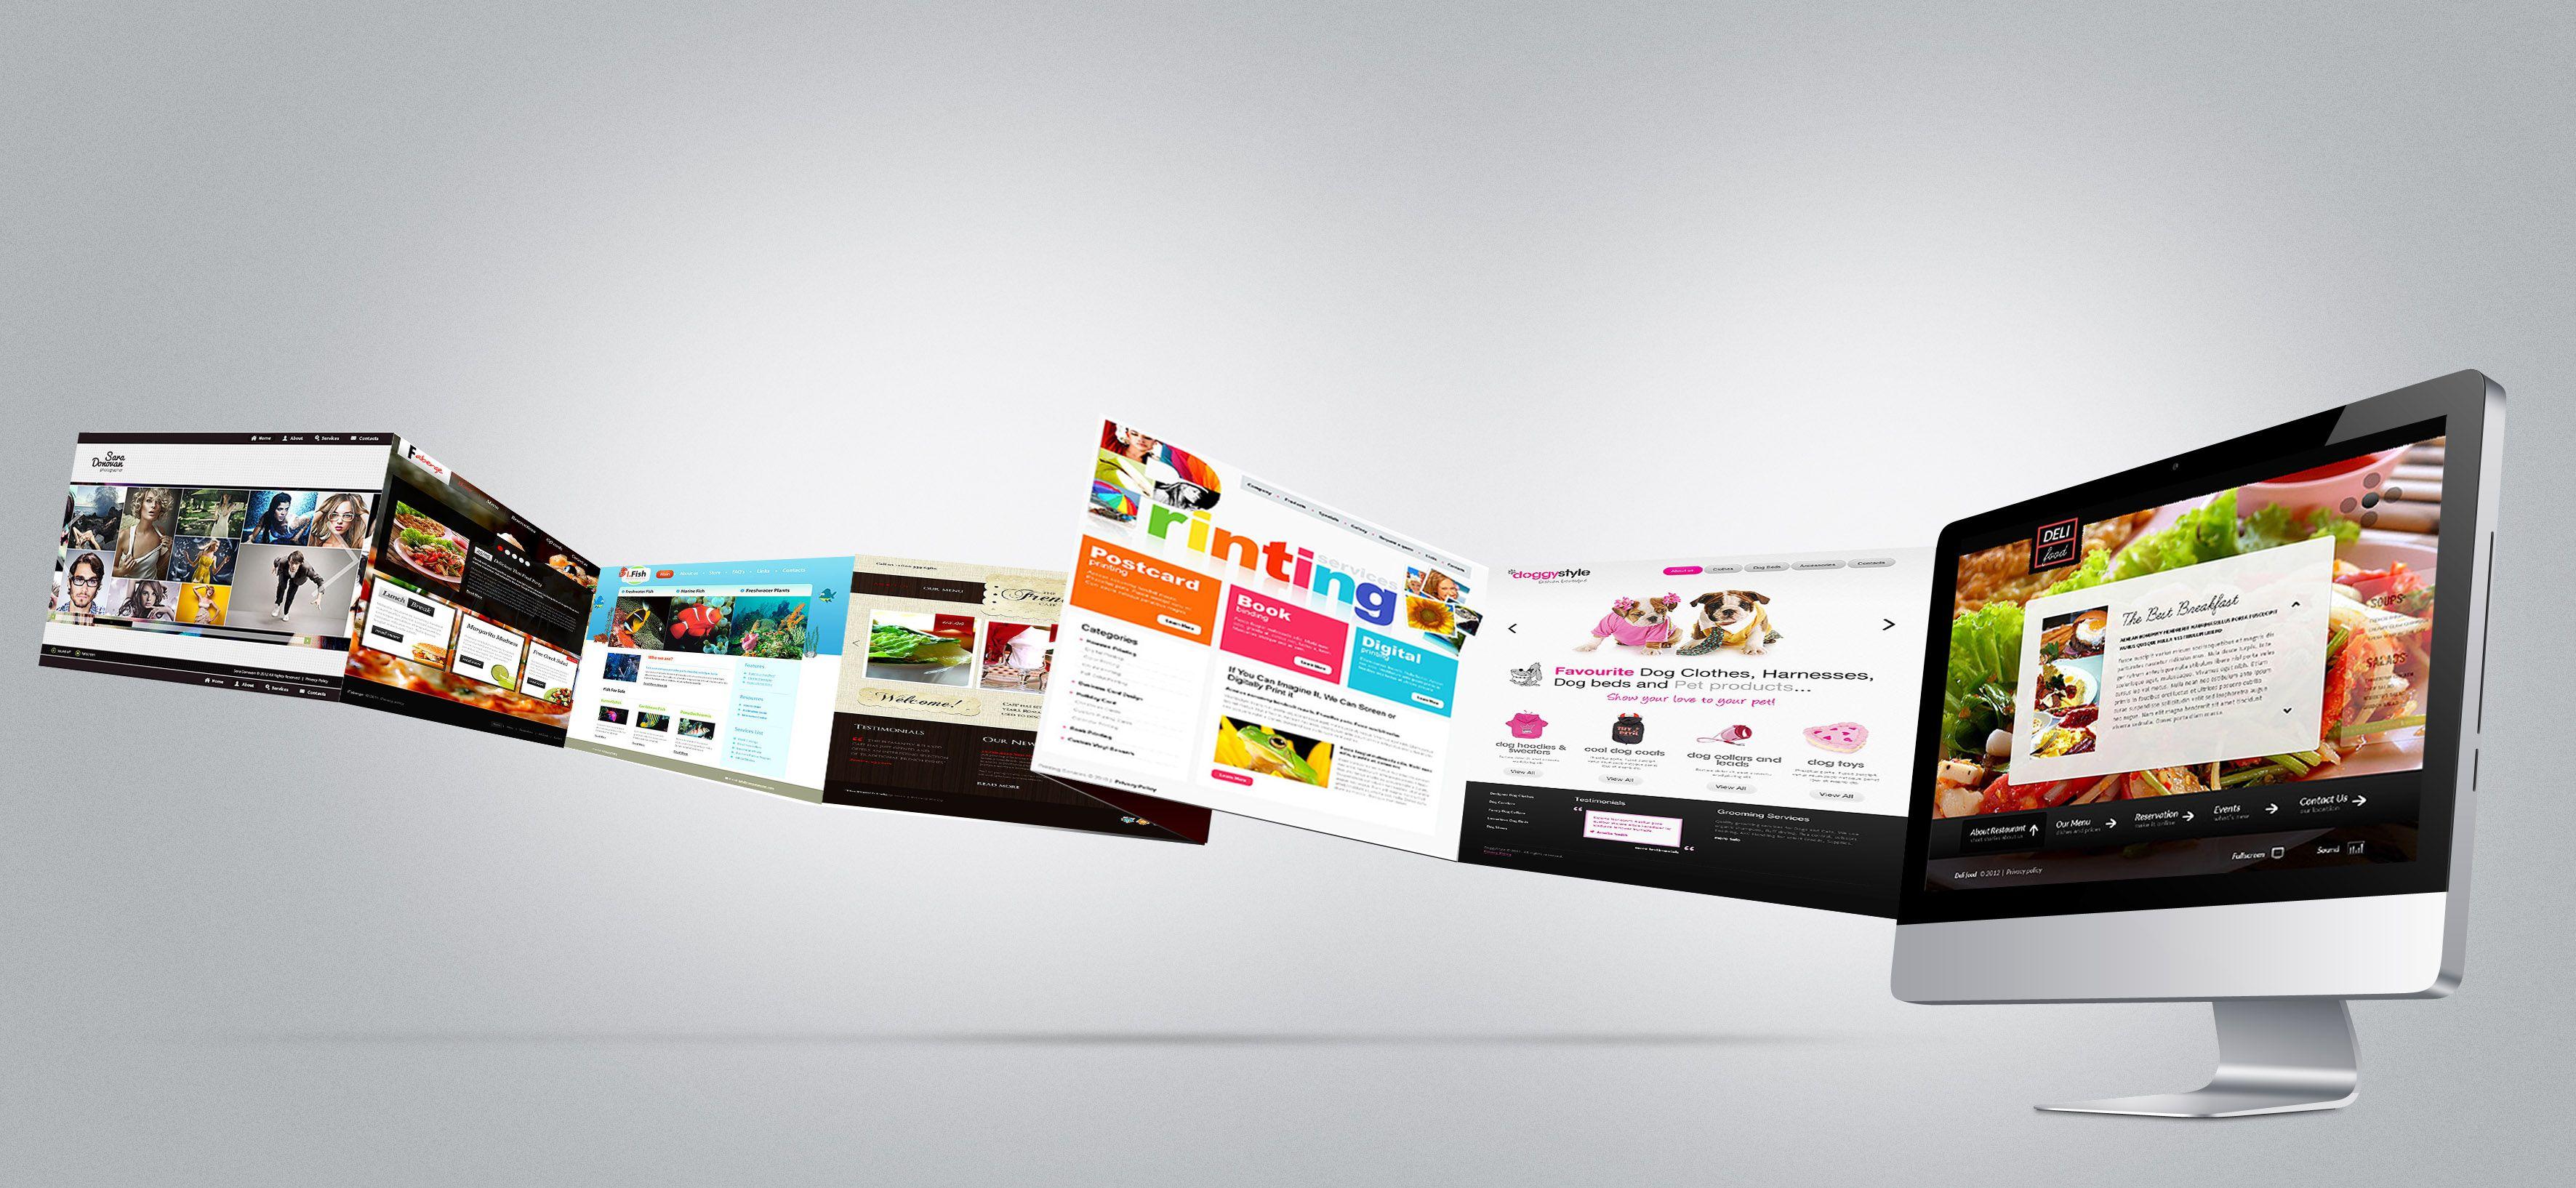 Resultado de imagen para diseño web imagen free